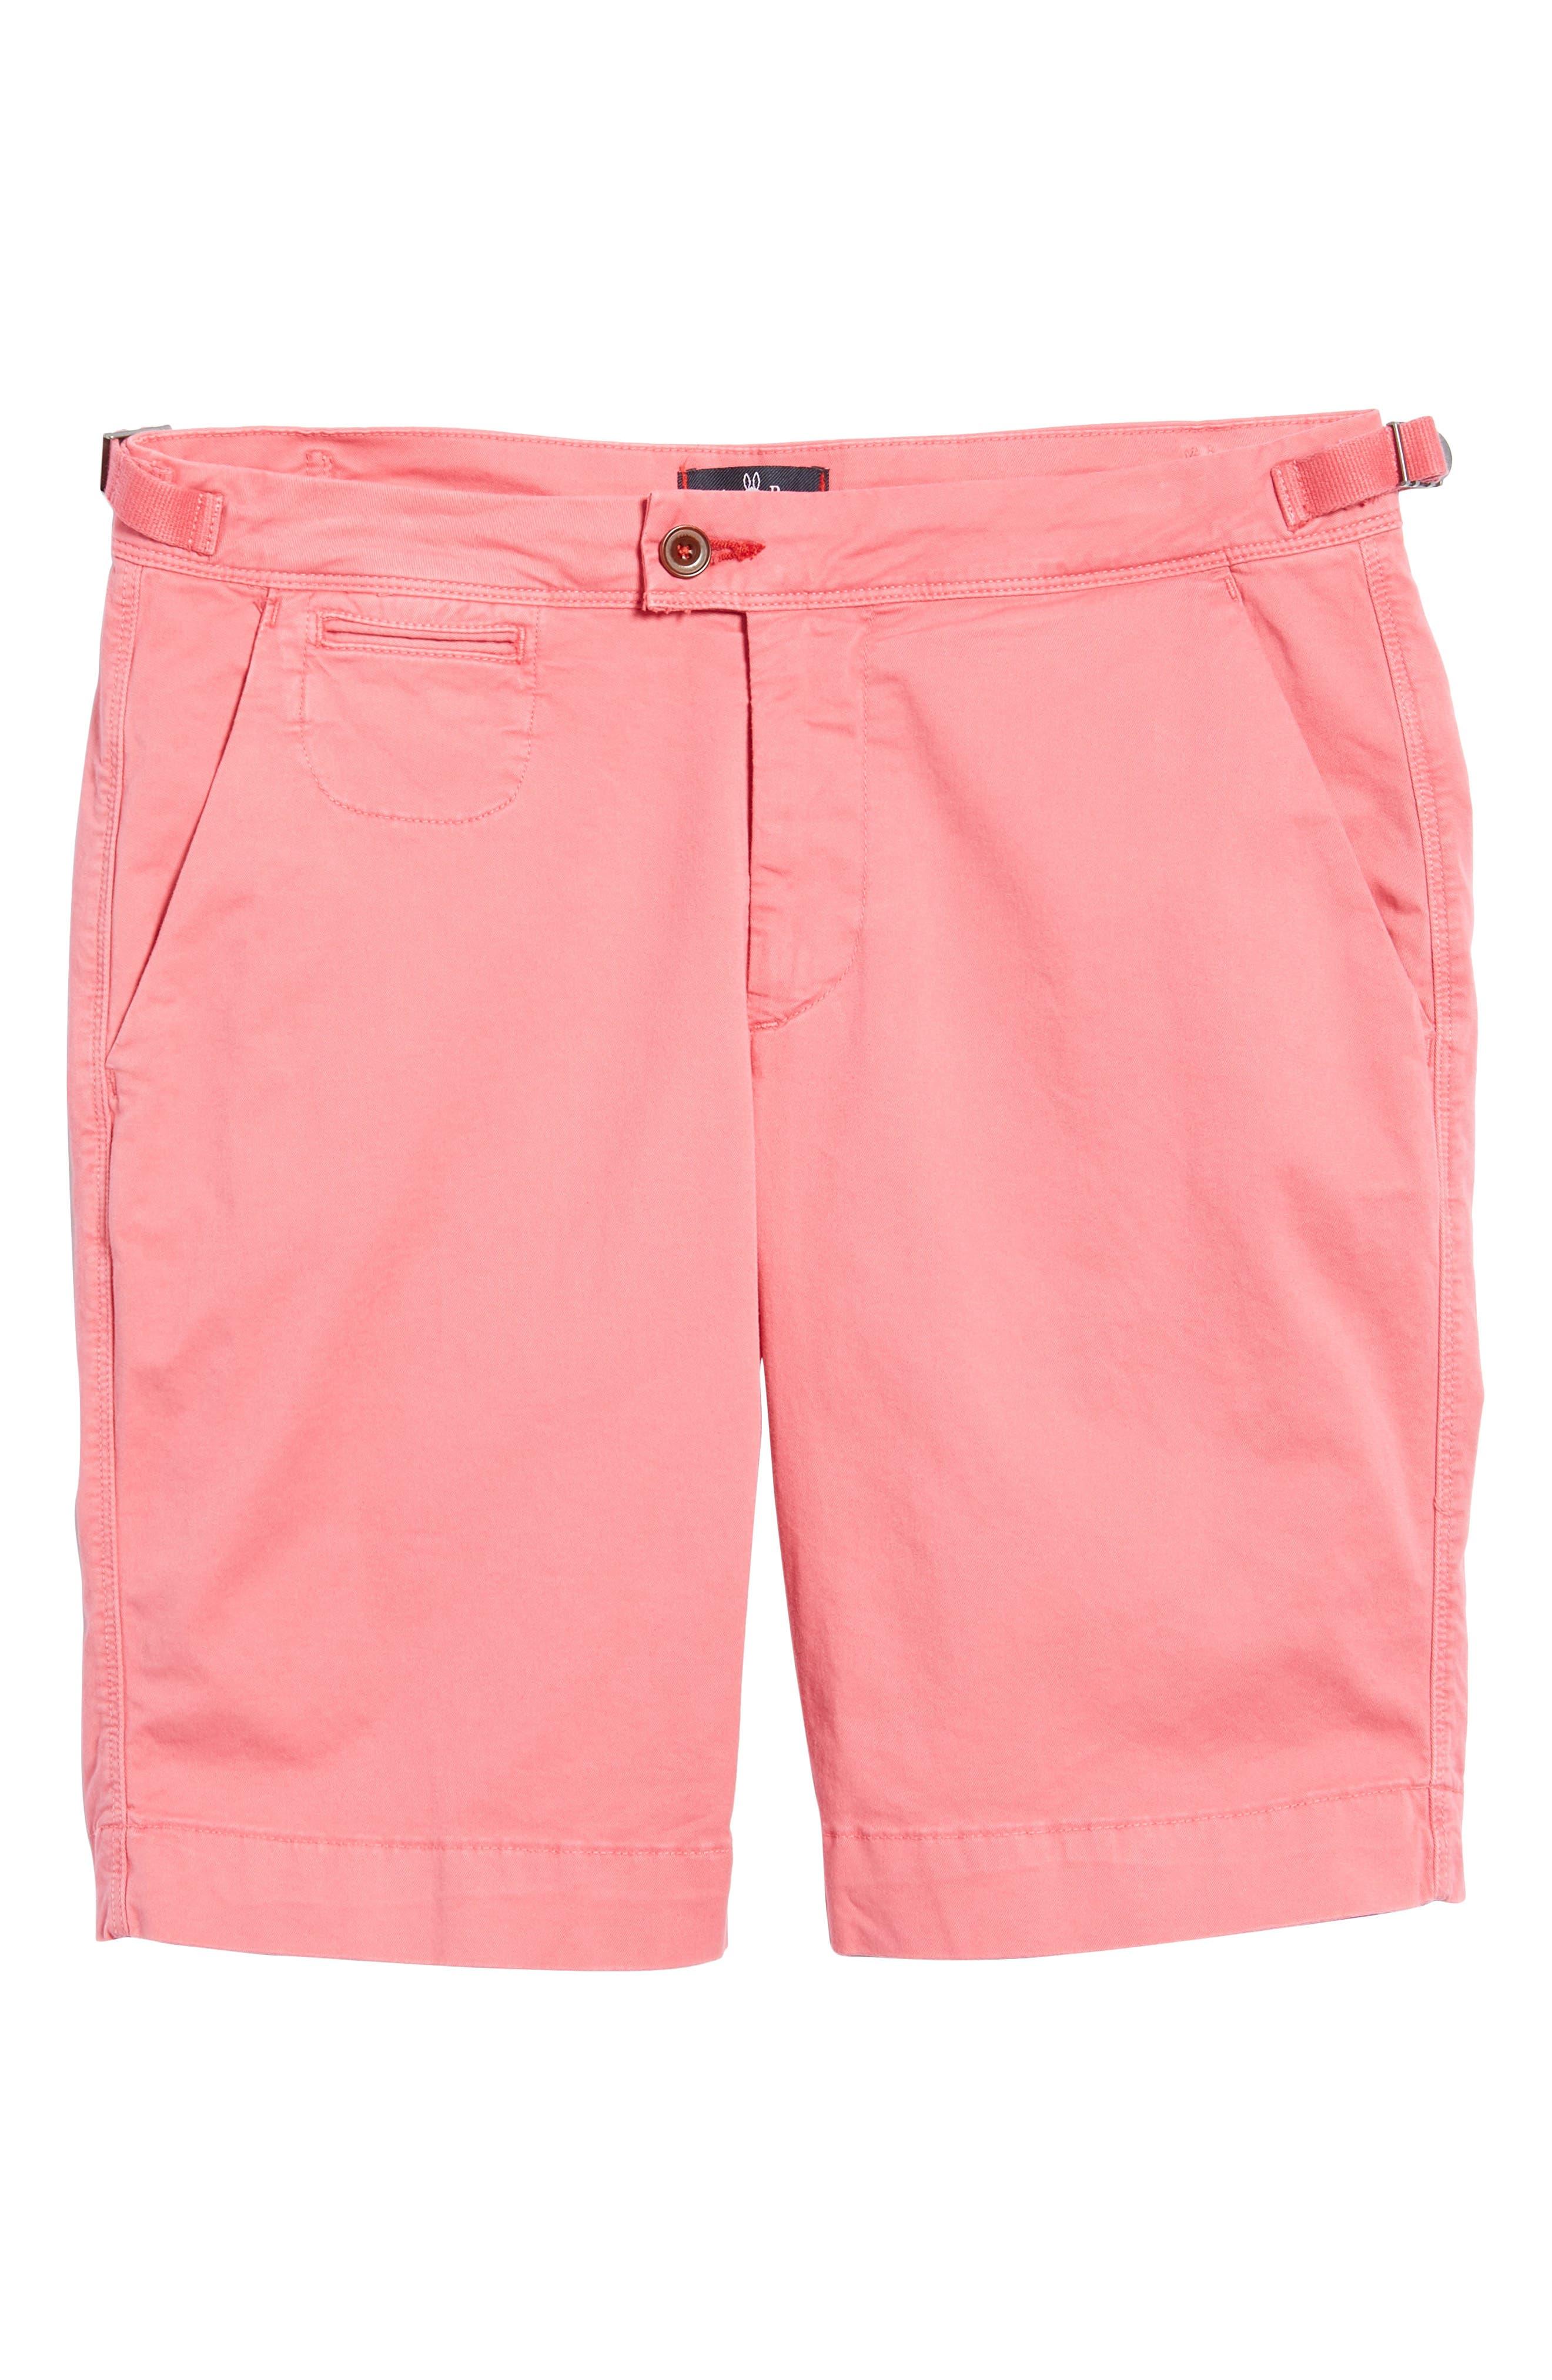 Triumph Shorts,                             Alternate thumbnail 77, color,